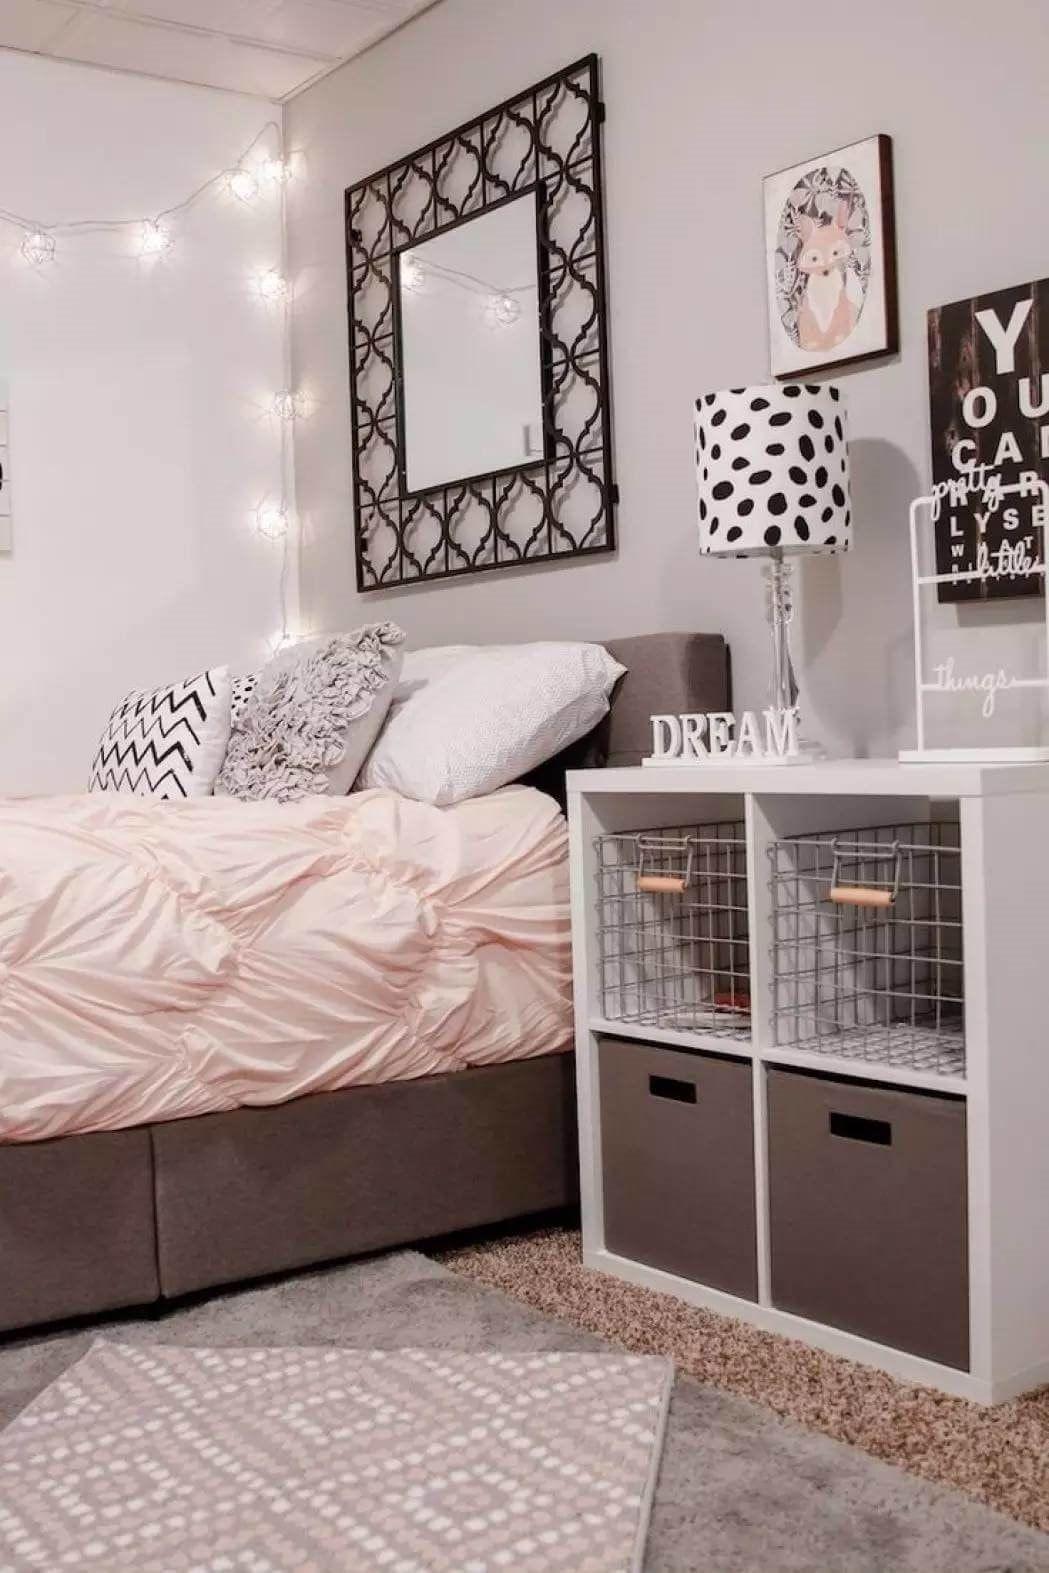 Chambre dado fille : 30 idées de décoration pour une chambre moderne